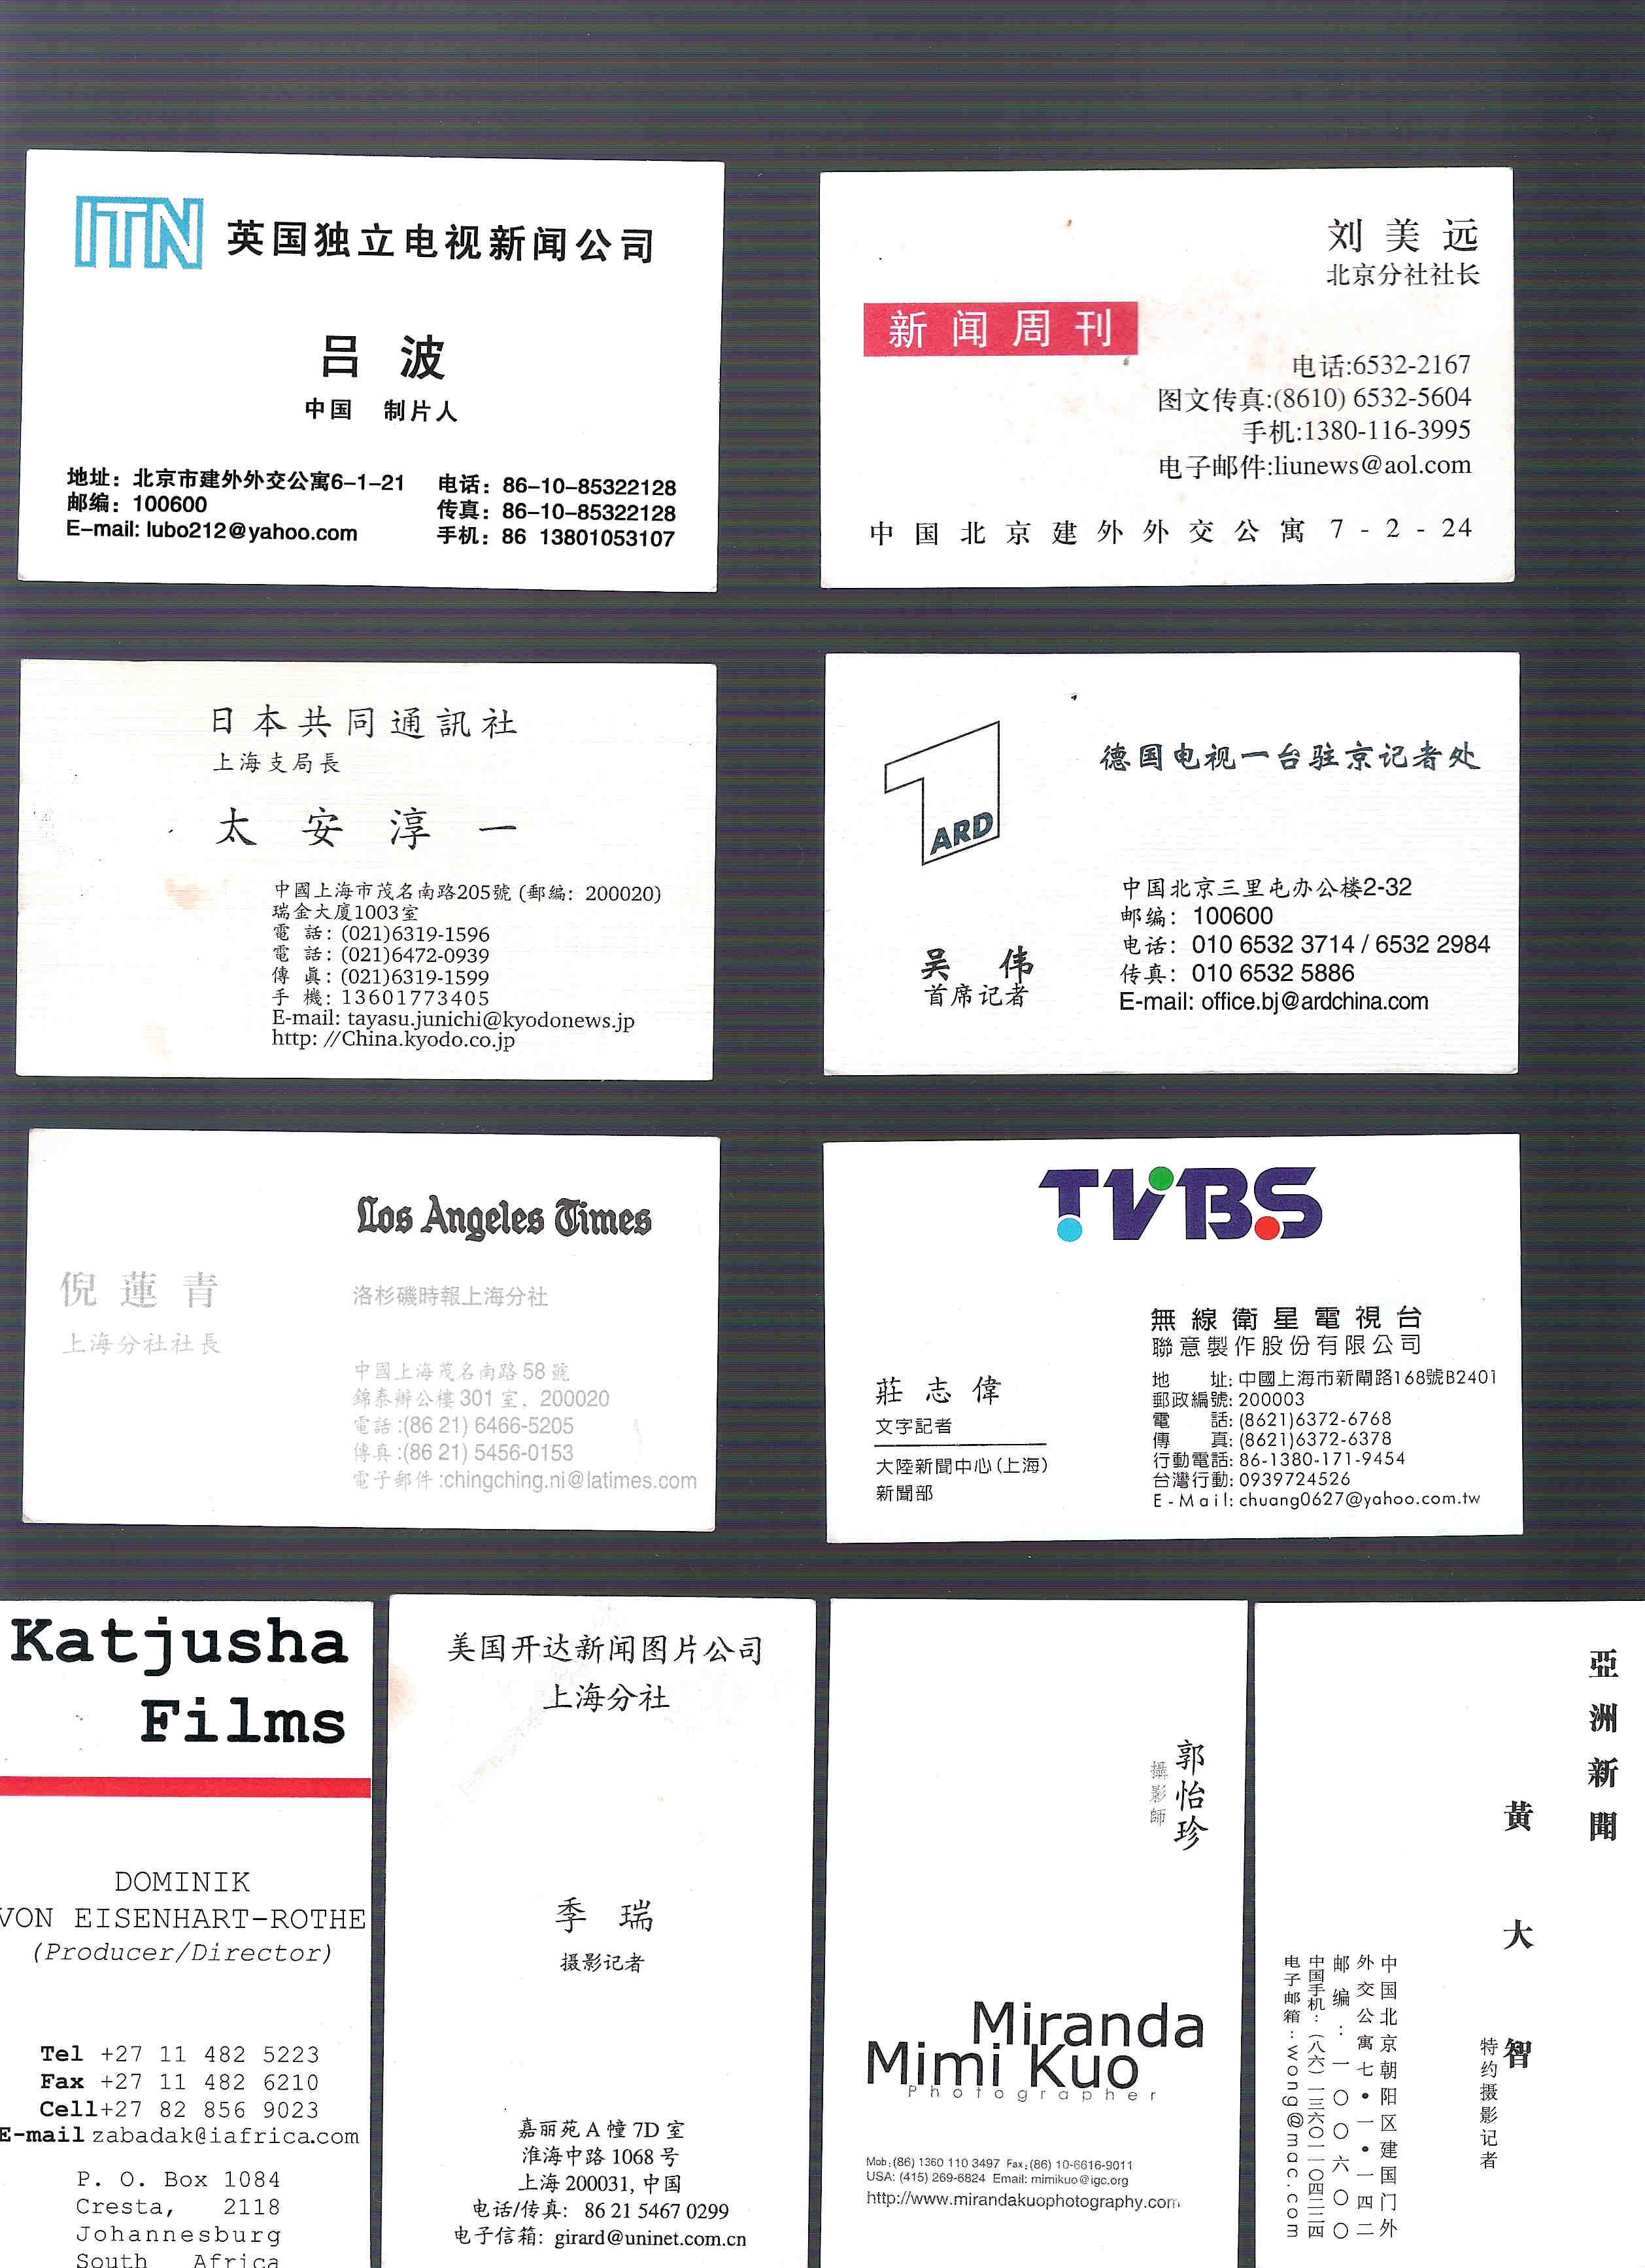 上海到天津汽车托运公司 上海到天津轿车托运公司_上海 地地才_上海本地调查公司